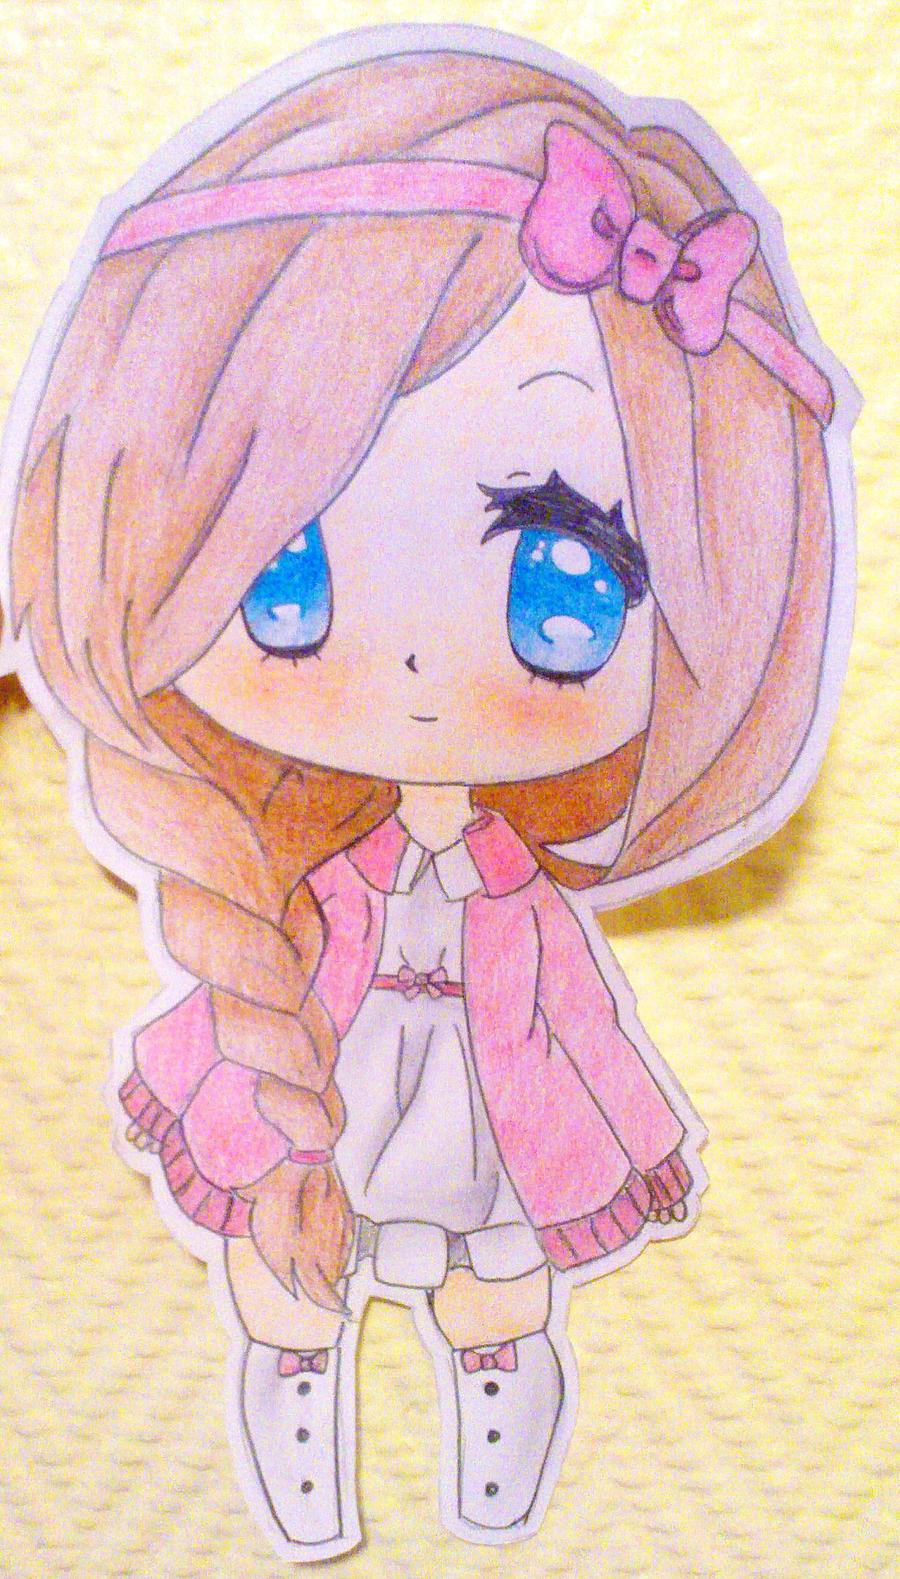 Cute Chibi girl by FriendlyNaruChan on DeviantArt